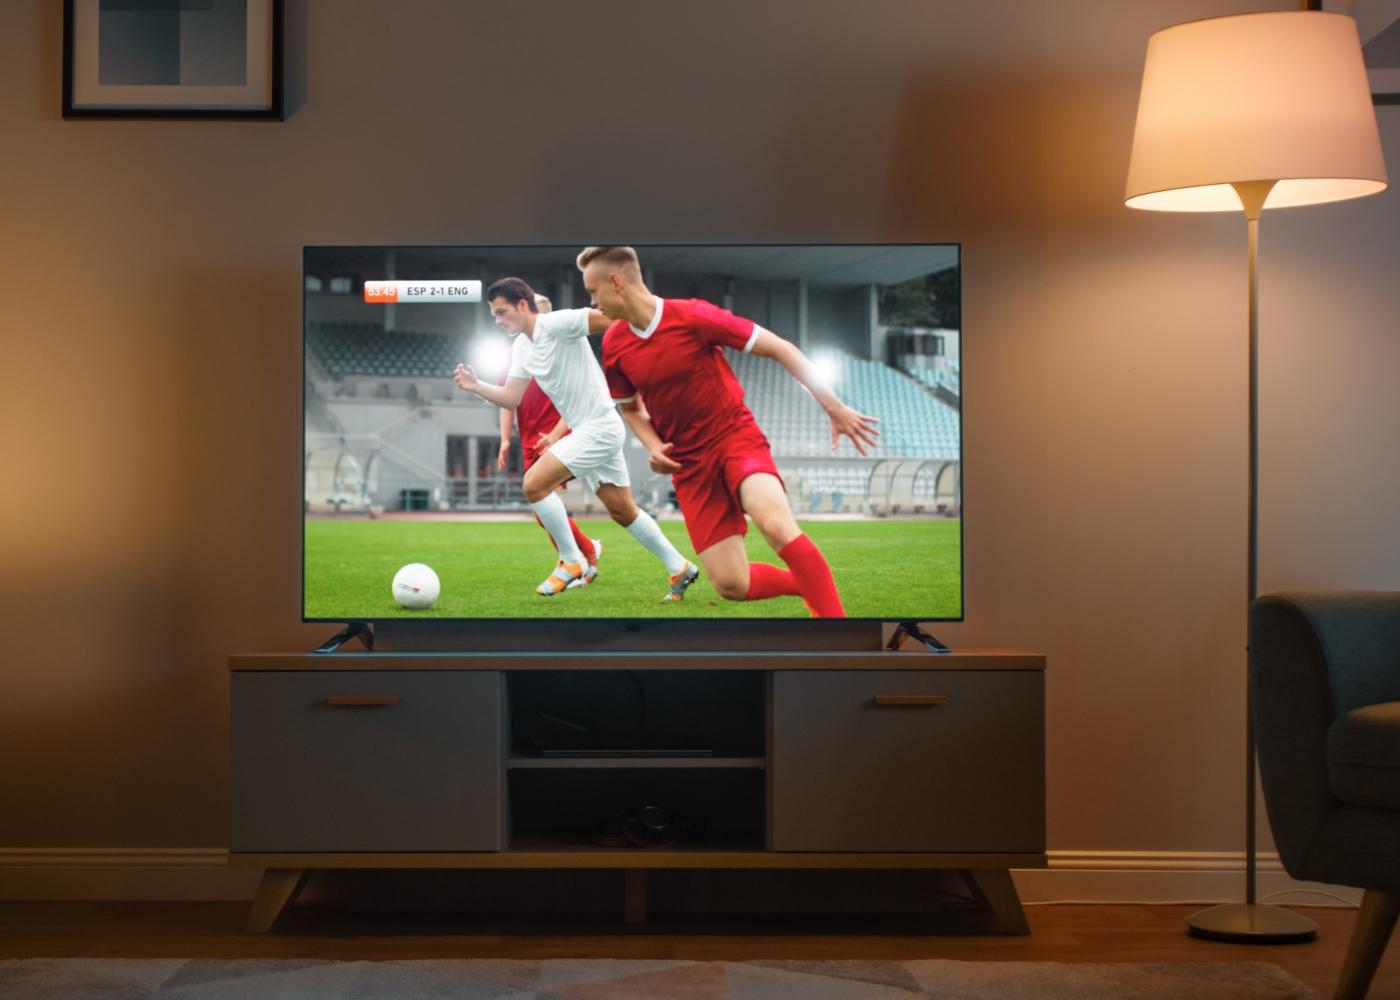 Televisão a dar futebol